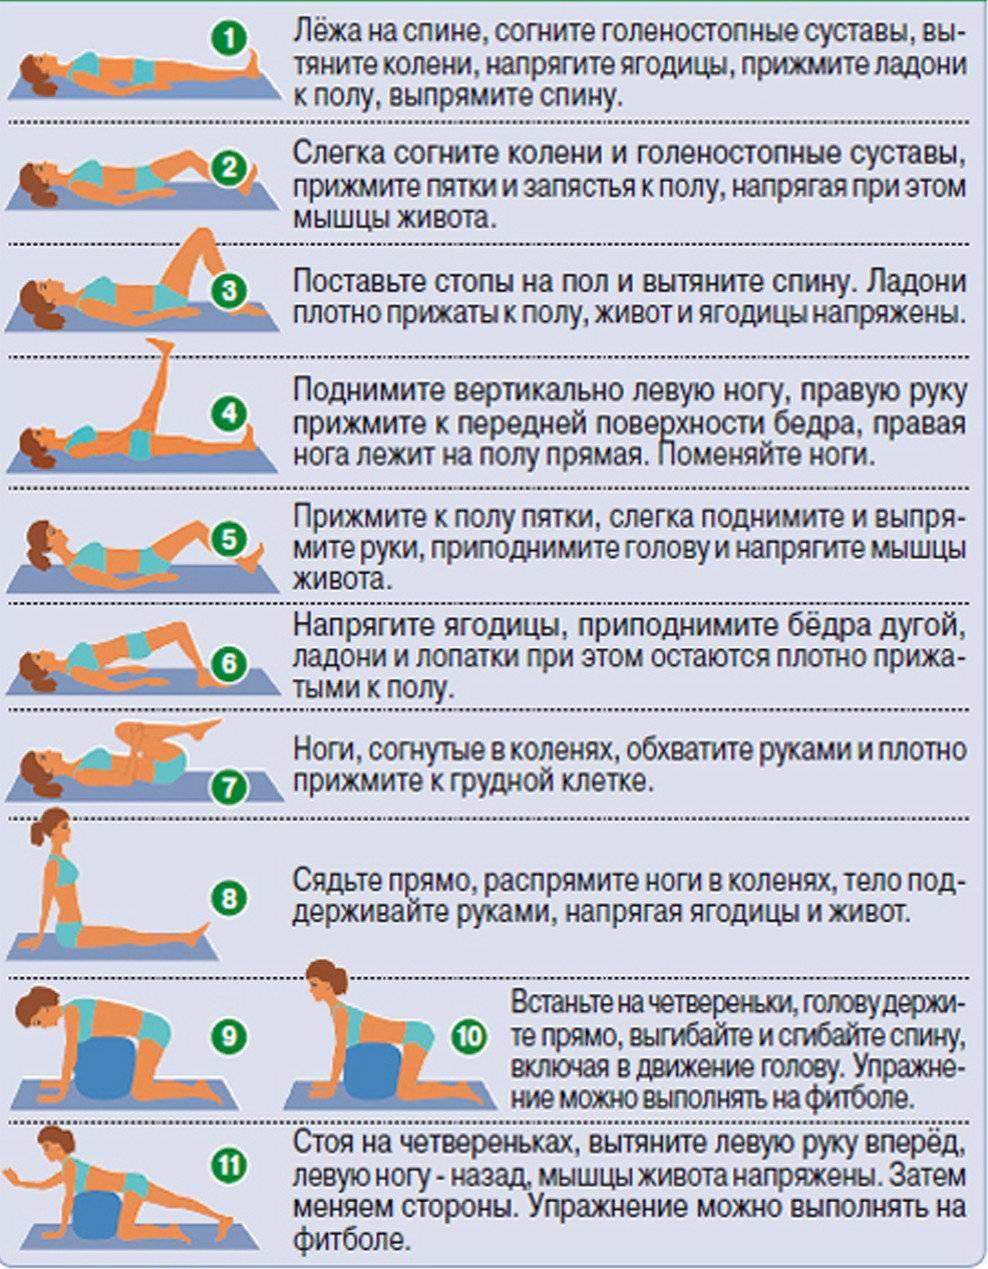 Упражнения бубновского в домашних условиях для позвоночника и суставов